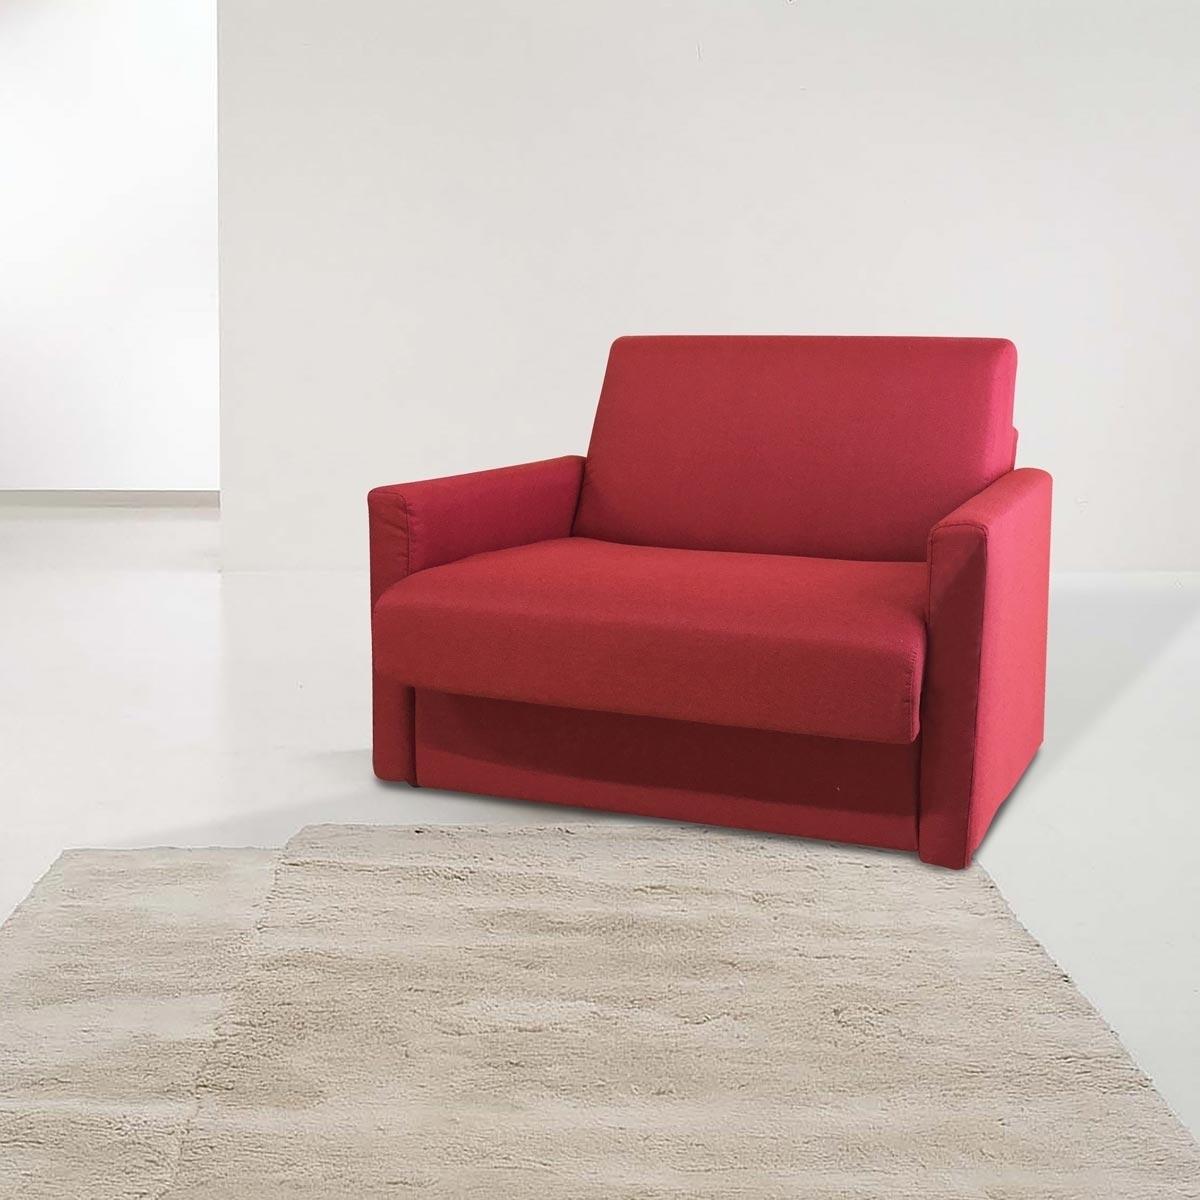 Poltrona letto in tessuto sfoderabile ebay for Poltrona letto ebay